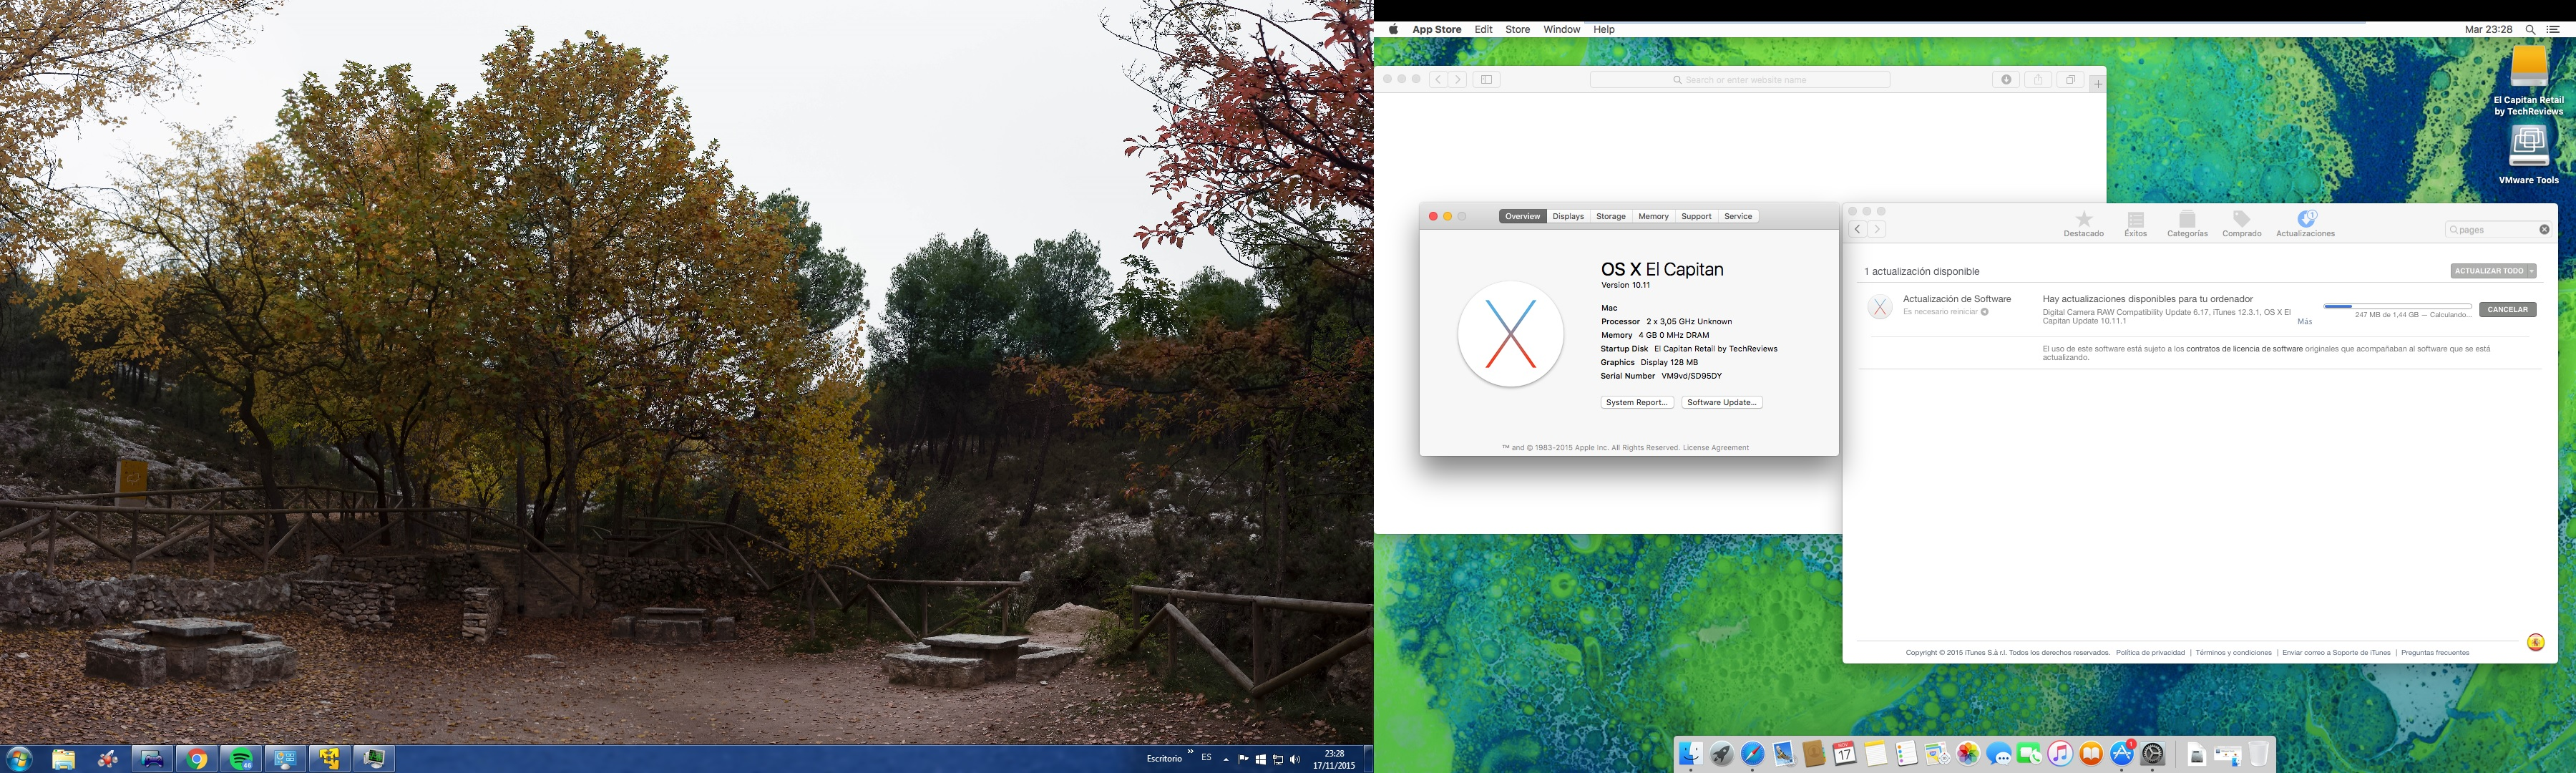 [Image: 564baa5ec10fb-Windows_mac.jpg]